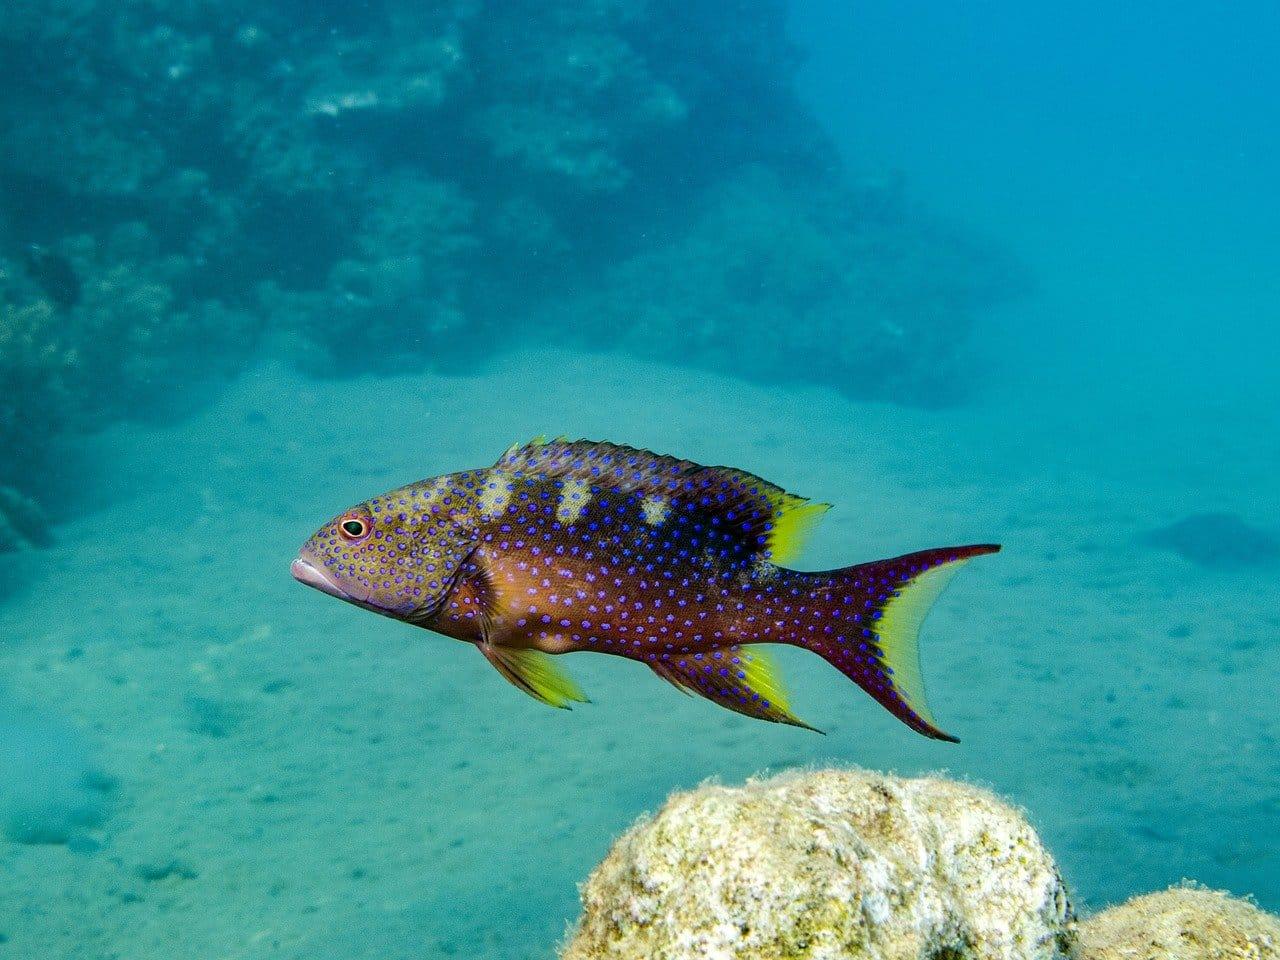 דגים באמריקה - 6 עובדות על ציקלידים אמריקאים שתראו במהלך הטיול שלכם ביבשת אמריקה